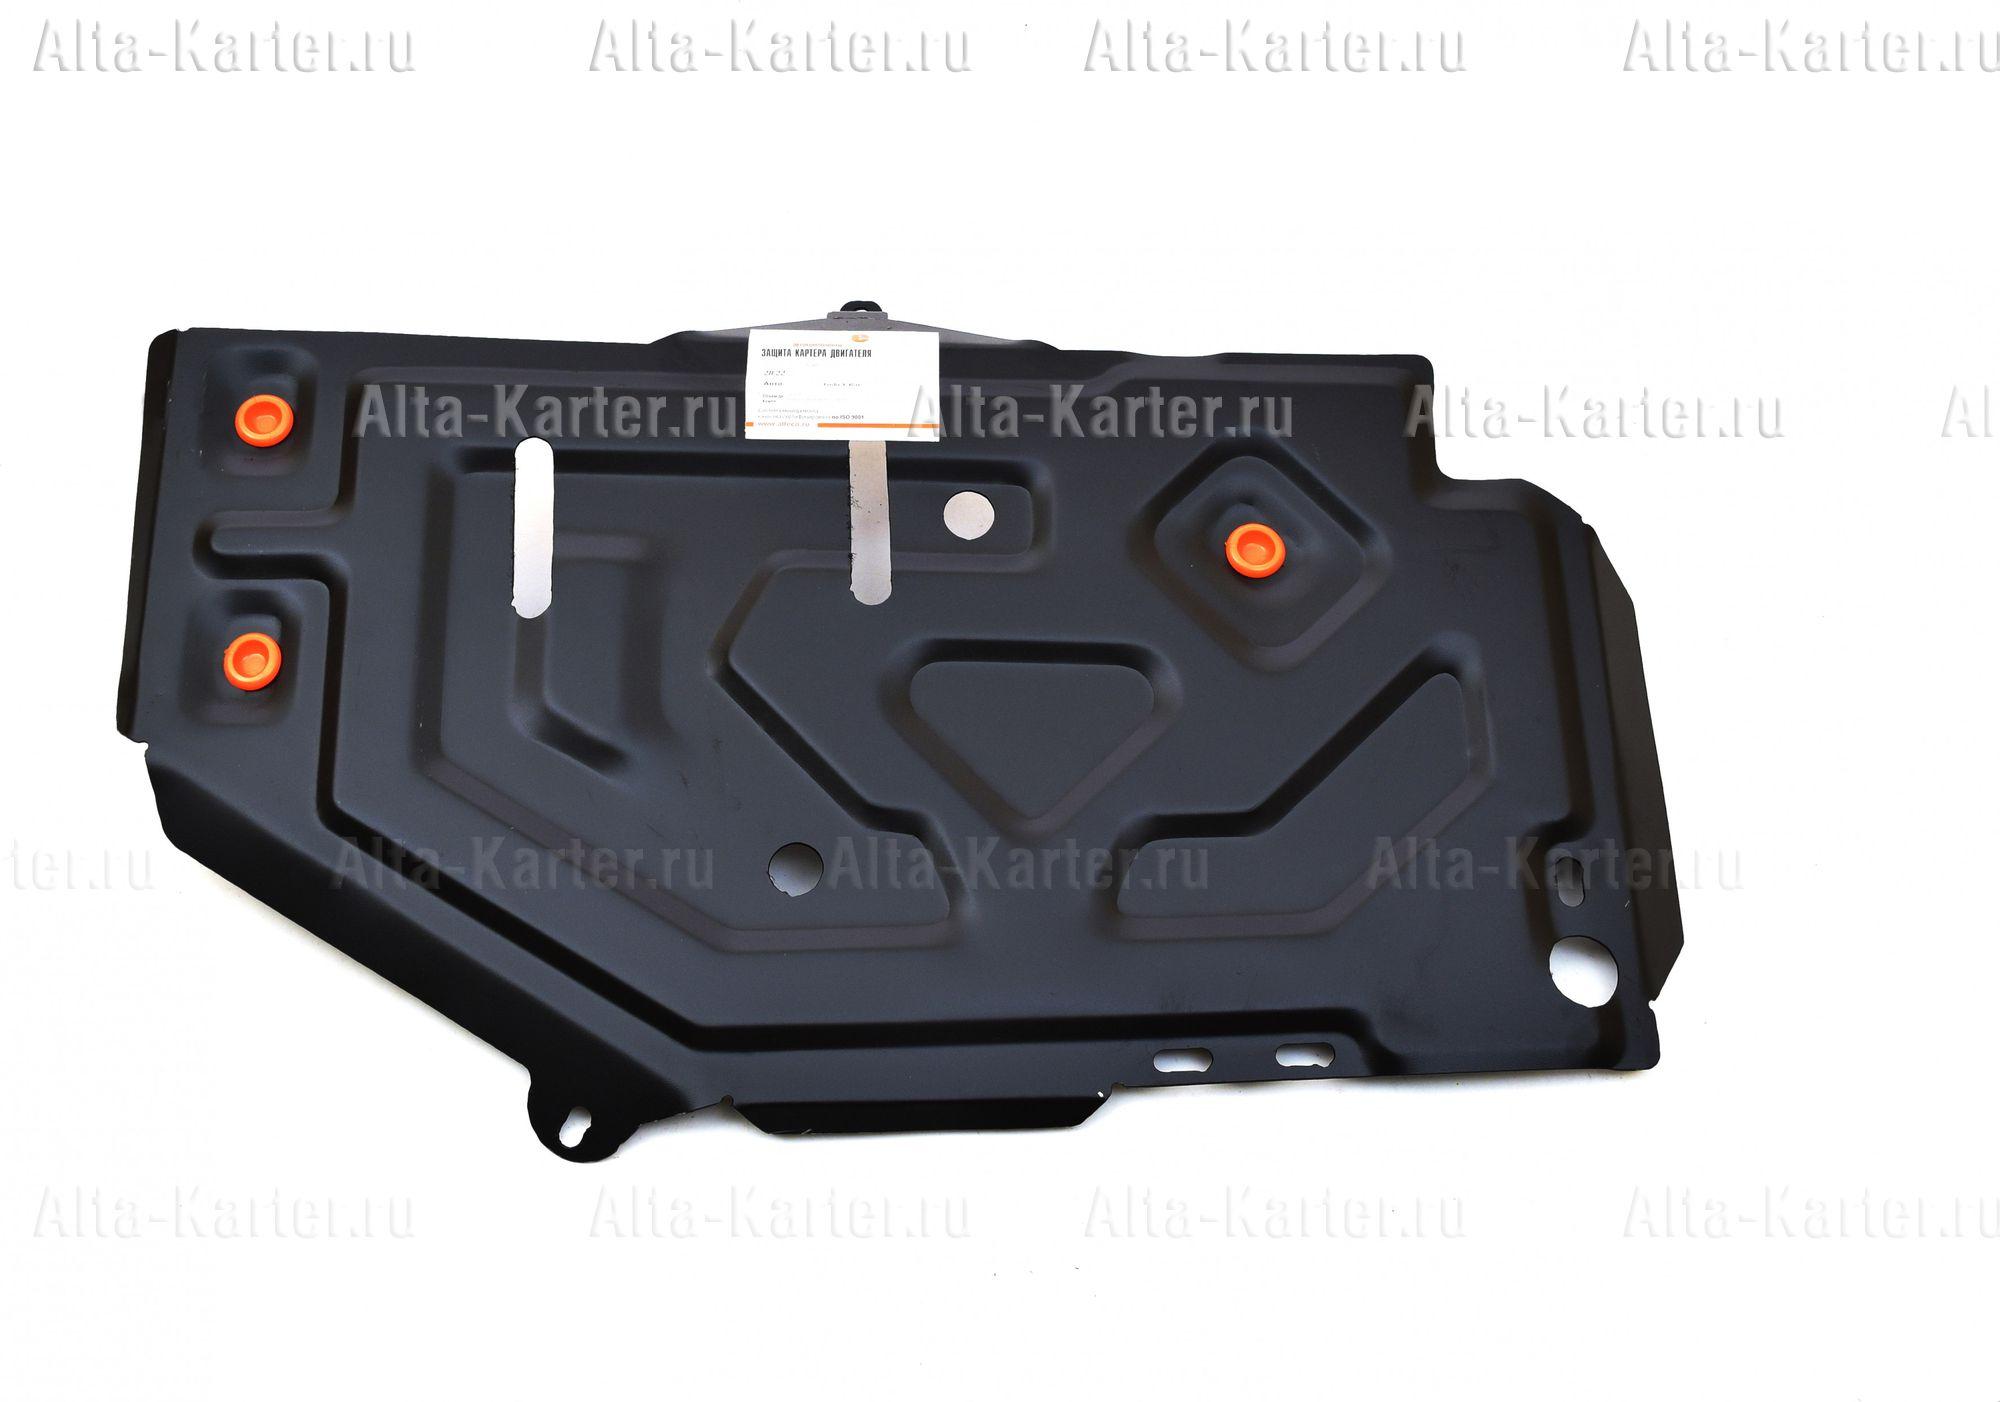 Защита Alfeco для топливного бака Lada Xray 2015-2021. Артикул ALF.28.22